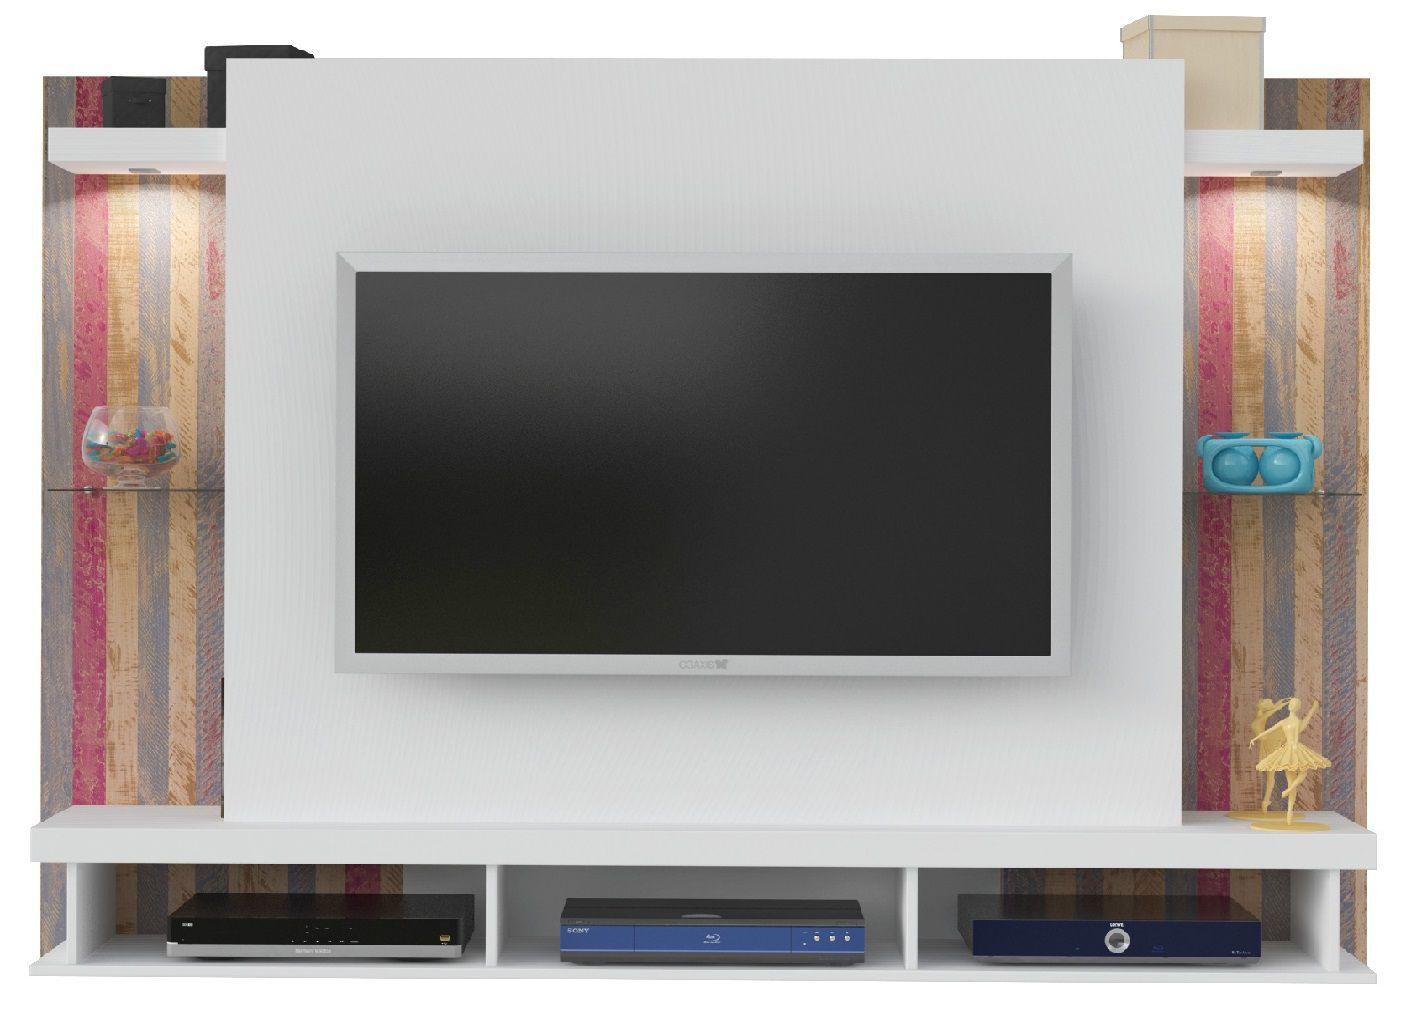 Painel Maximus para TV até 47 Polegadas - Prateleiras de Vidro com Nichos e LED - Artely